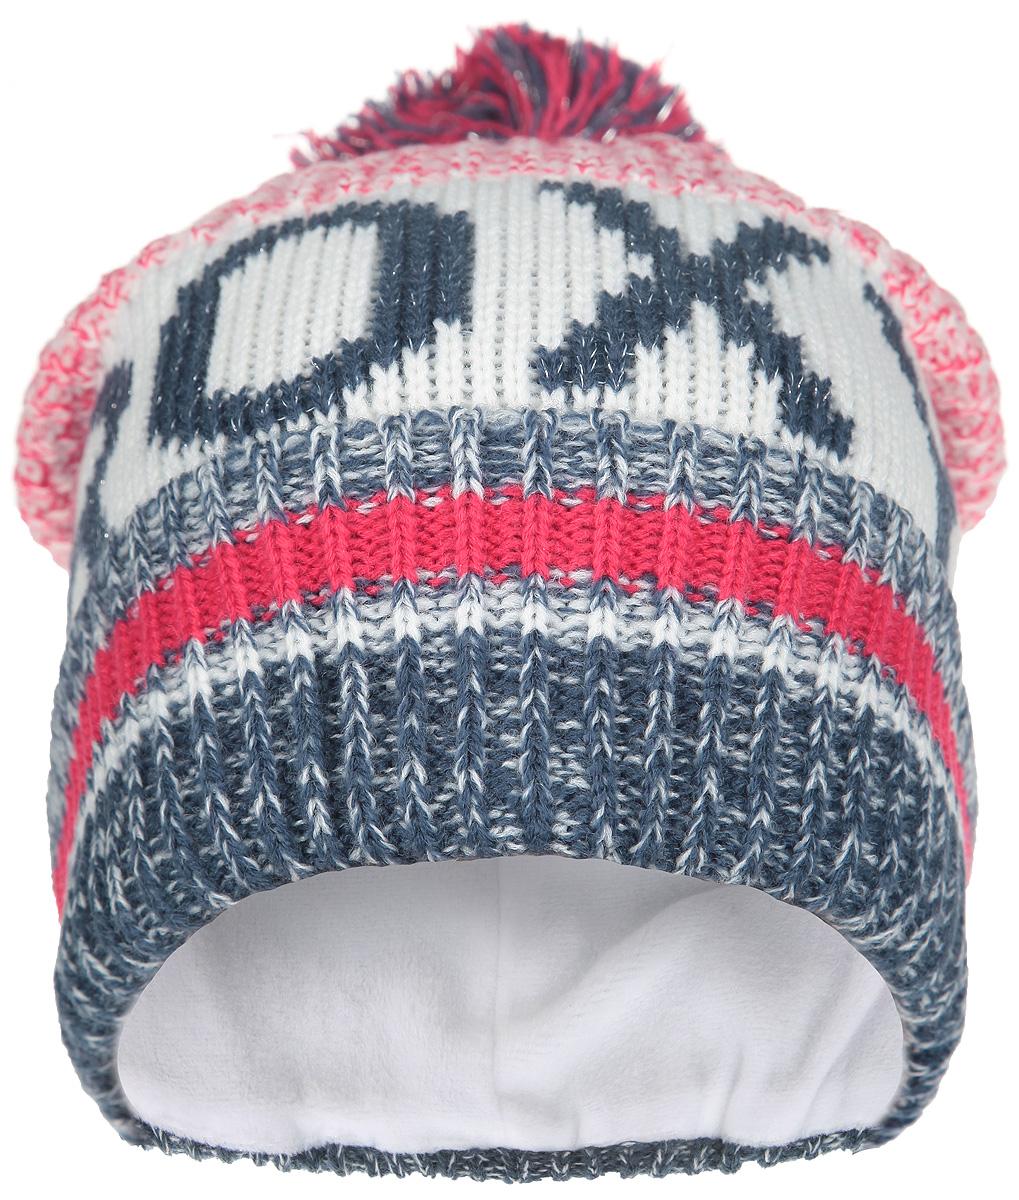 Шапка женская Tonic Beanie. ERJHA03007-MNA0ERJHA03007-MNA0Удлиненная теплая женская шапка Roxy Tonic Beanie отлично дополнит ваш образ в холодную погоду. Это практичная шапка, невероятно мягкая, с внутренней подкладкой из флиса для дополнительного утепления. Сочетание материалов позволяет ей великолепно сохранять тепло и обеспечивать высокую эластичность и удобство посадки. Модель с отворотом оформлена надписью с названием бренда. Модель на макушке дополнена помпоном. Такая шапка станет модным и стильным дополнением вашего зимнего гардероба, великолепно подойдет для активного отдыха и занятия спортом. Она согреет вас и позволит подчеркнуть свою индивидуальность!